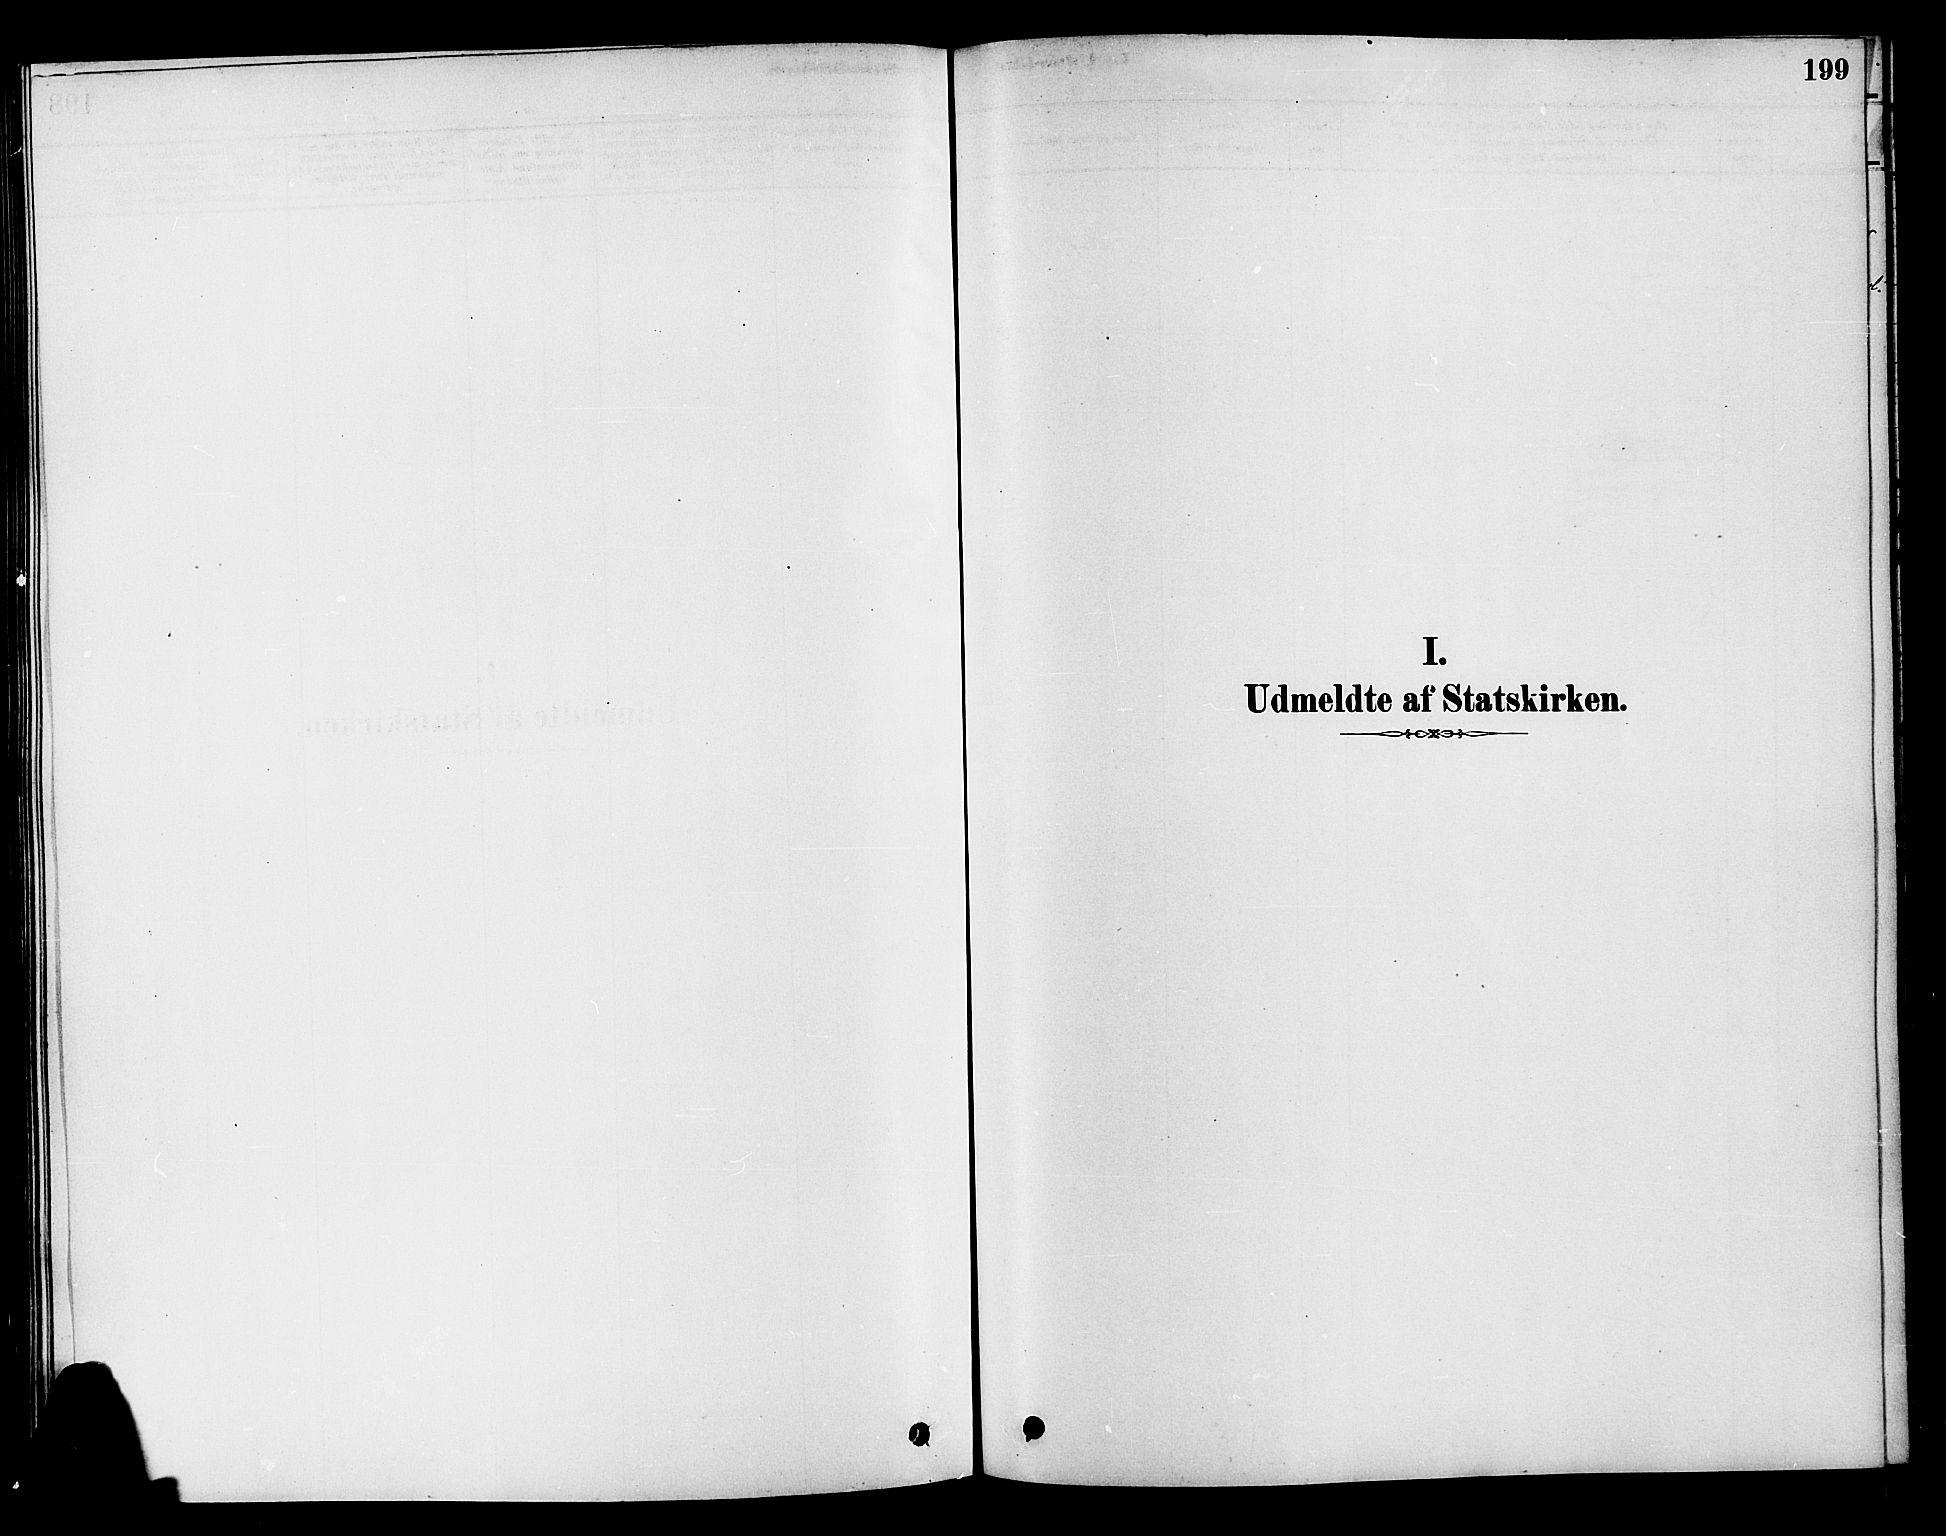 SAH, Søndre Land prestekontor, K/L0002: Ministerialbok nr. 2, 1878-1894, s. 199